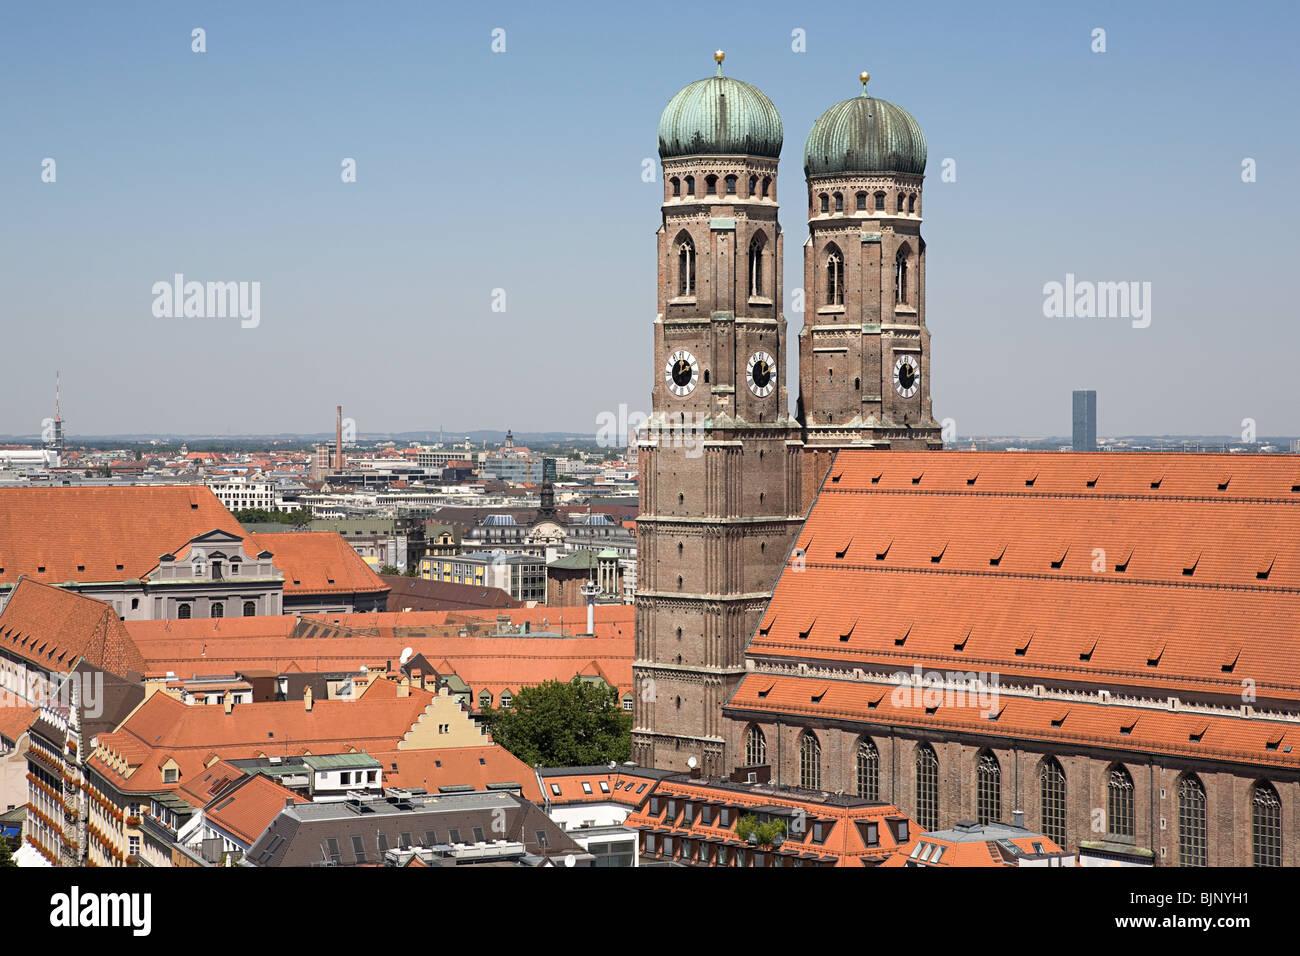 Munich frauenkirche Imagen De Stock